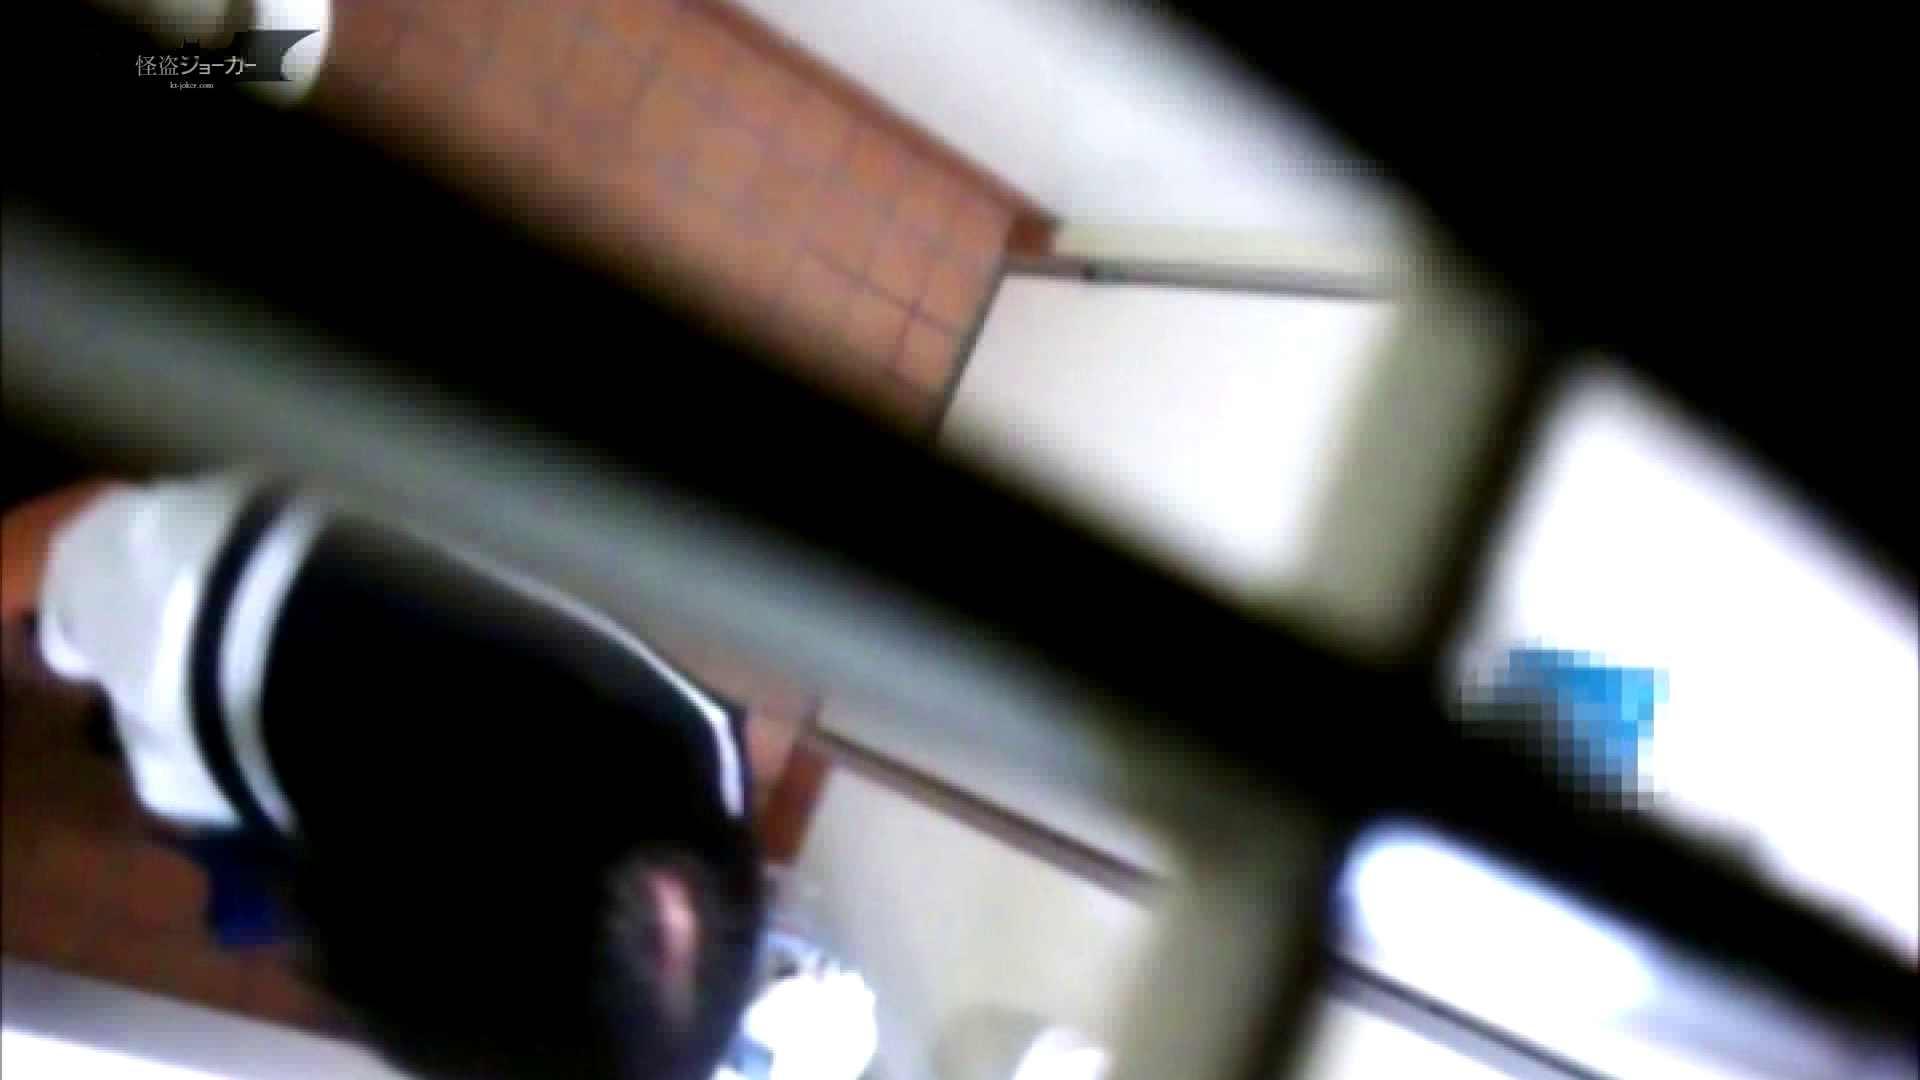 店長代理の盗撮録 Vol.02 制服ばかりをあつめてみました。その2 OL | 盗撮エロすぎ  86連発 7